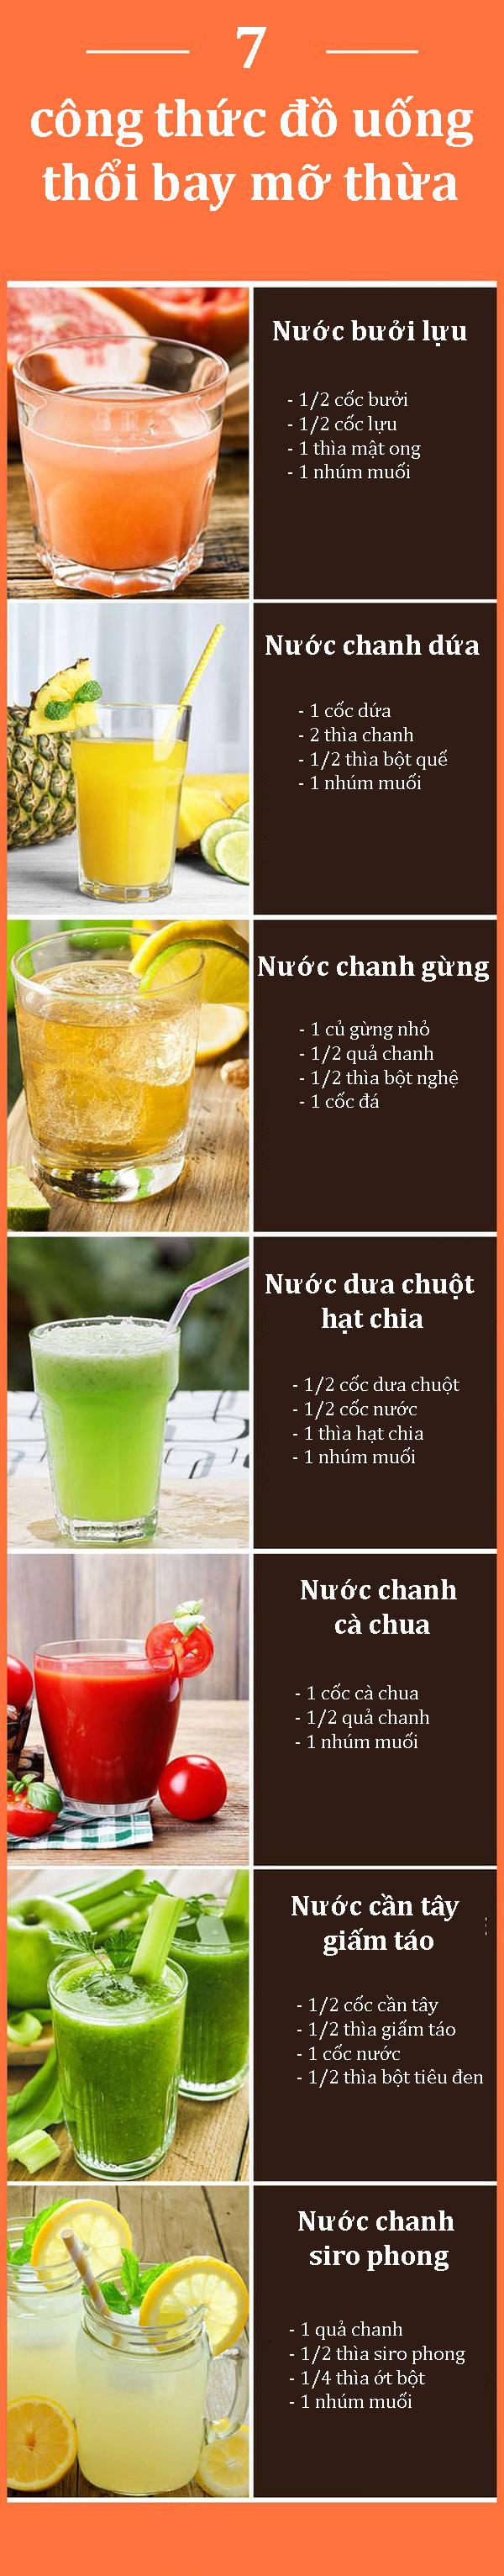 7 công thức đồ uống thổi bay mỡ thừa